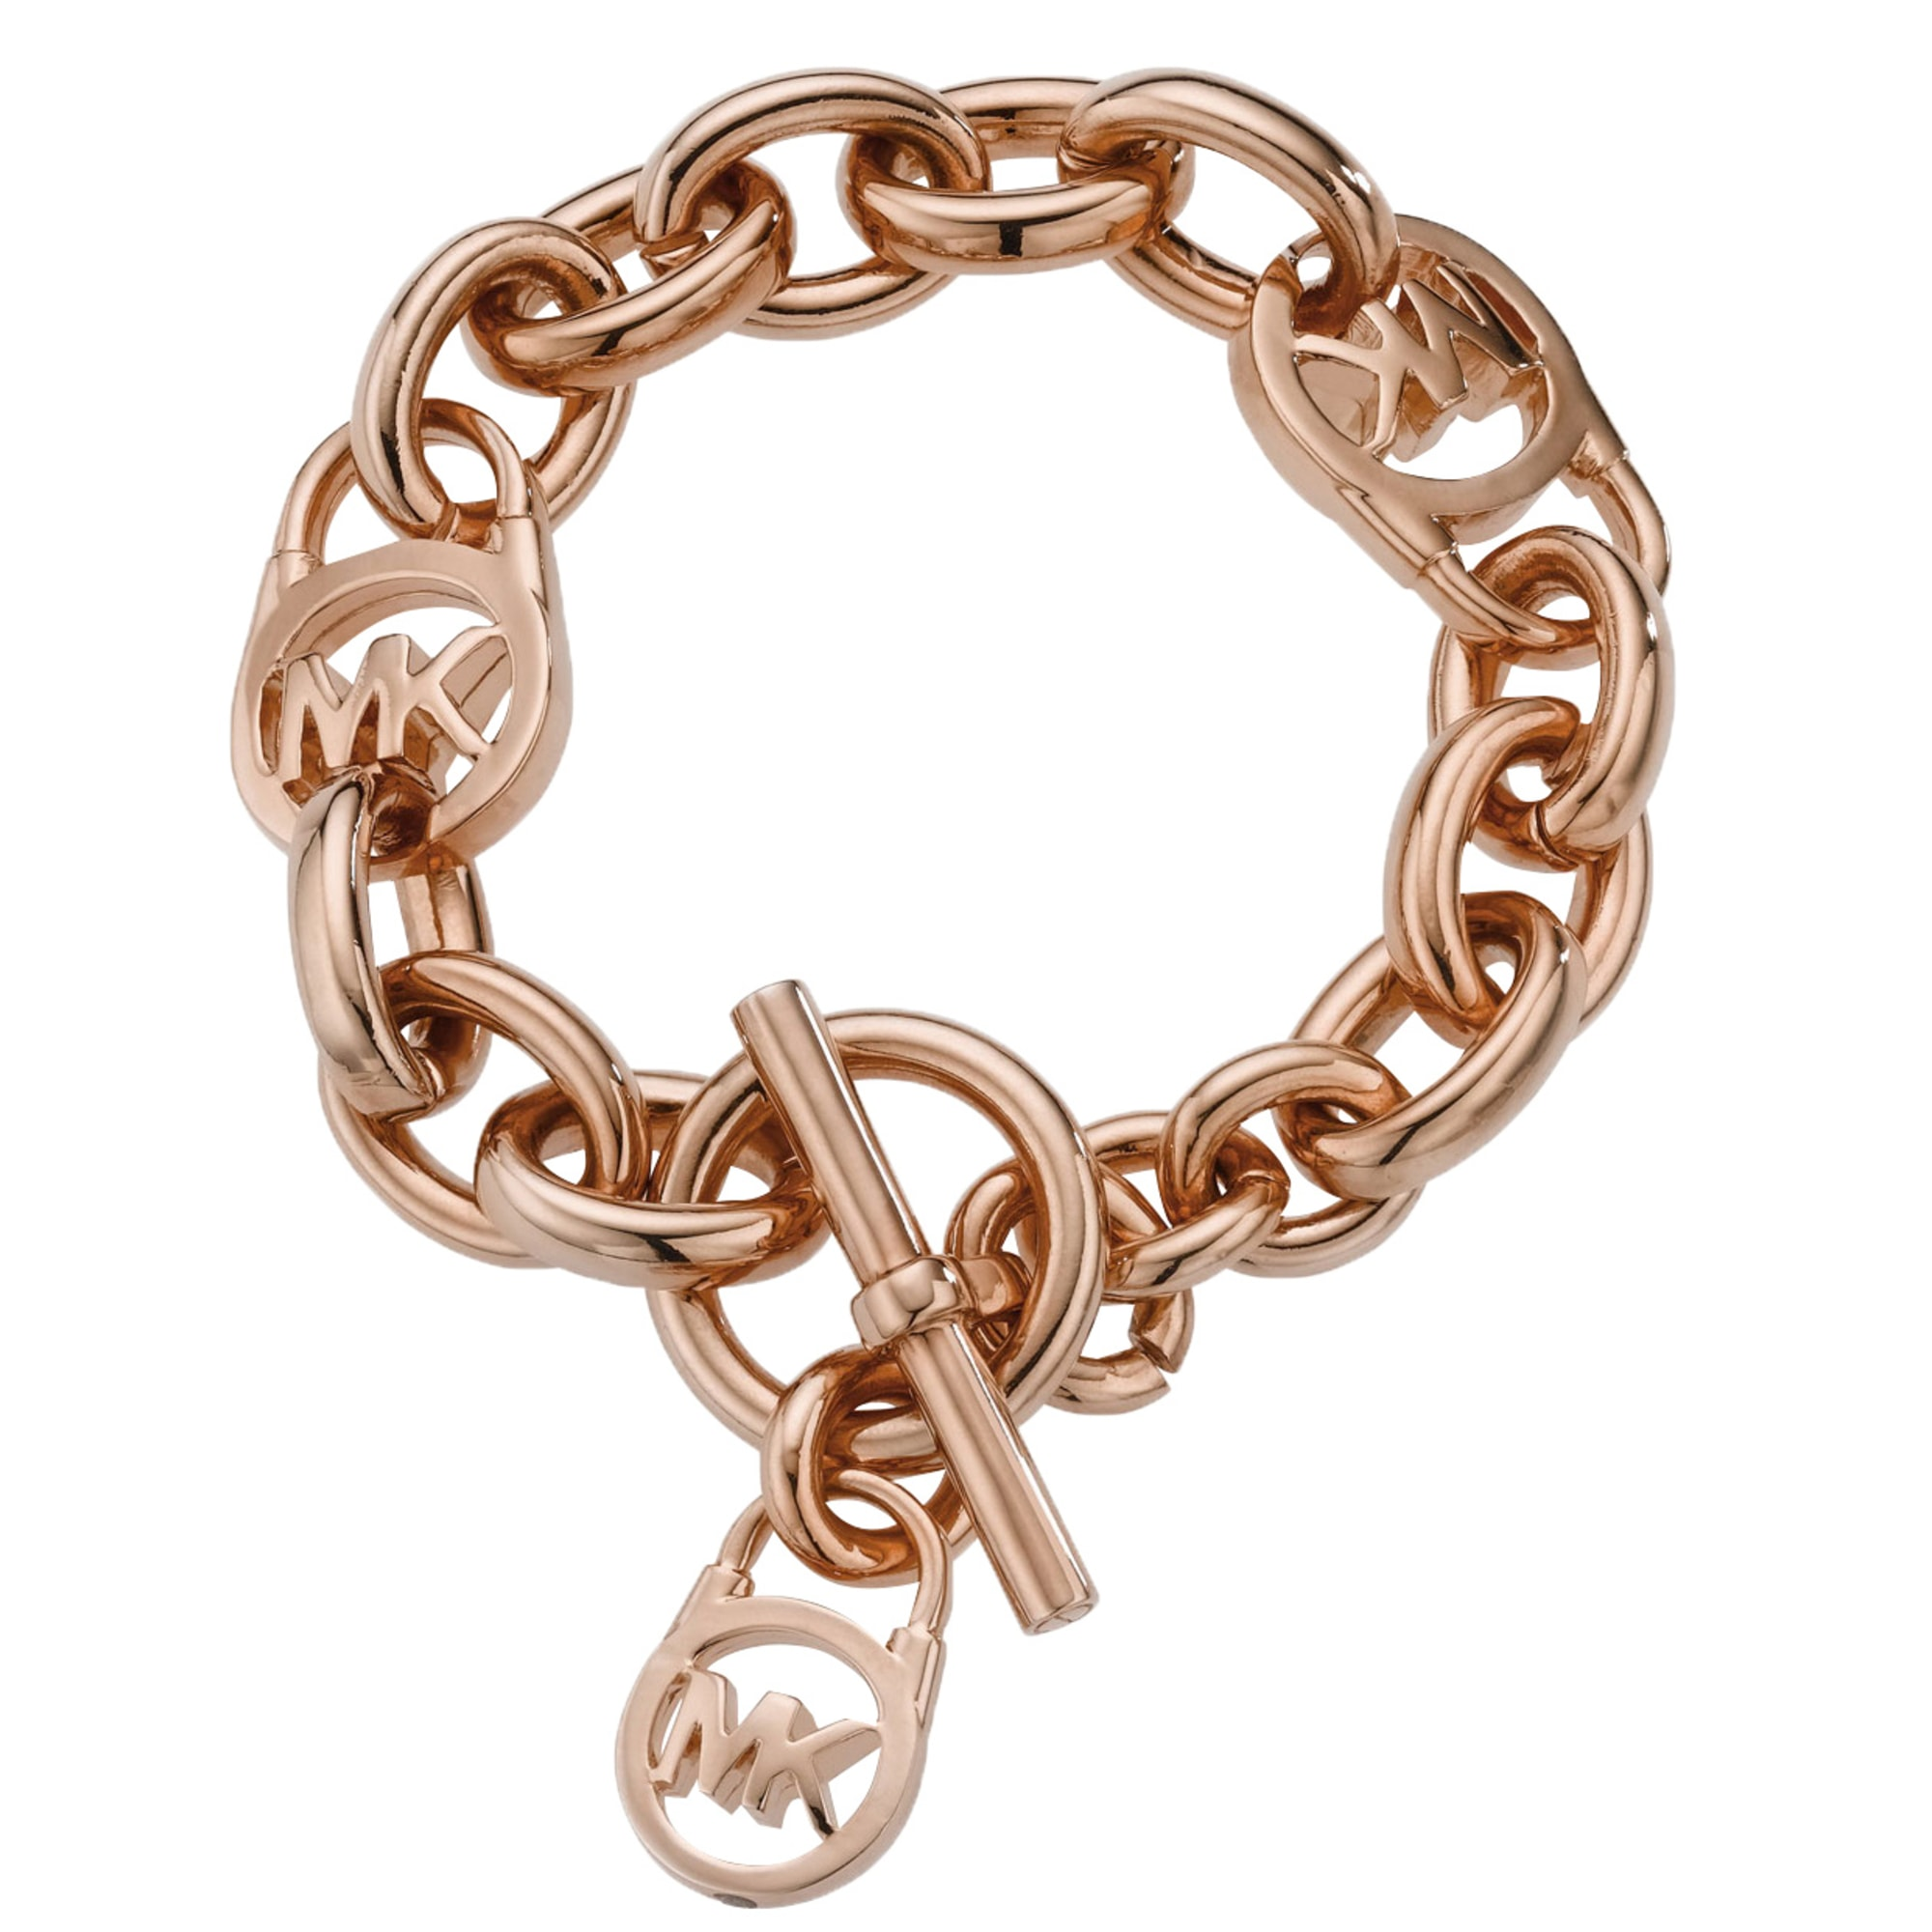 Bracelet MICHAEL KORS Doré, bronze, cuivre